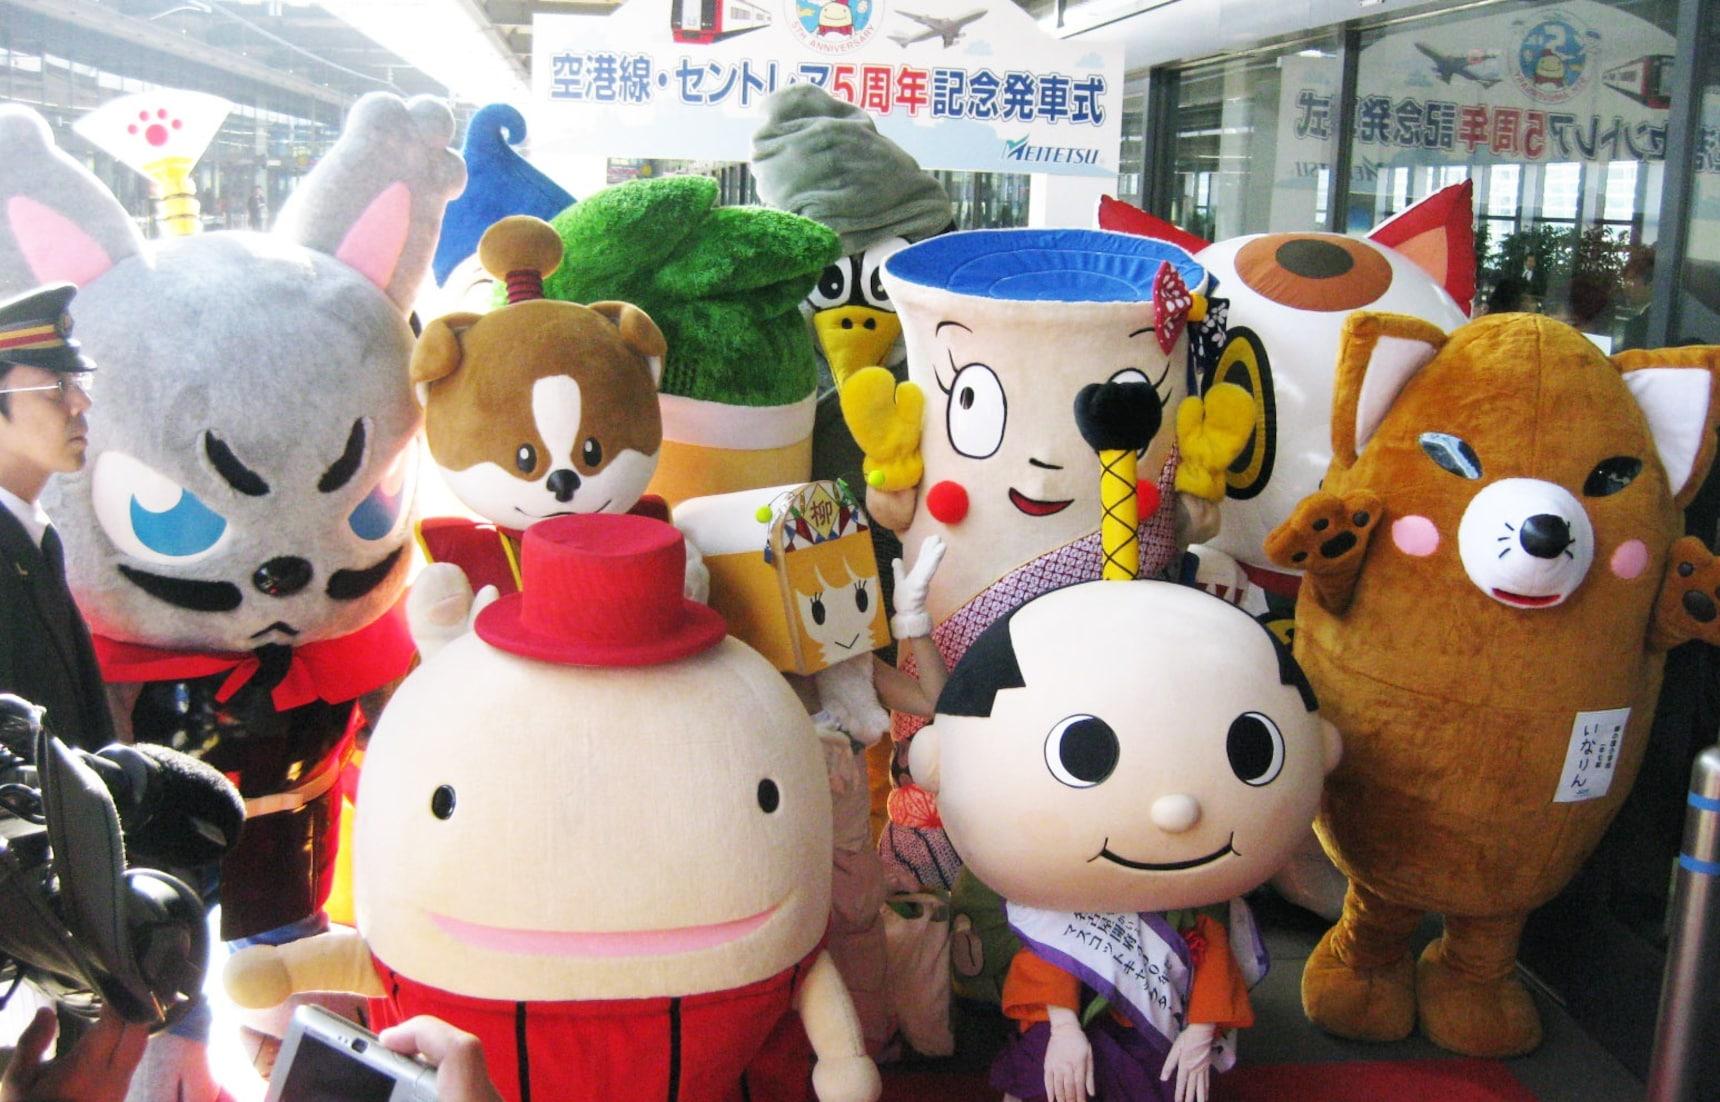 为什么日本的吉祥物那么多